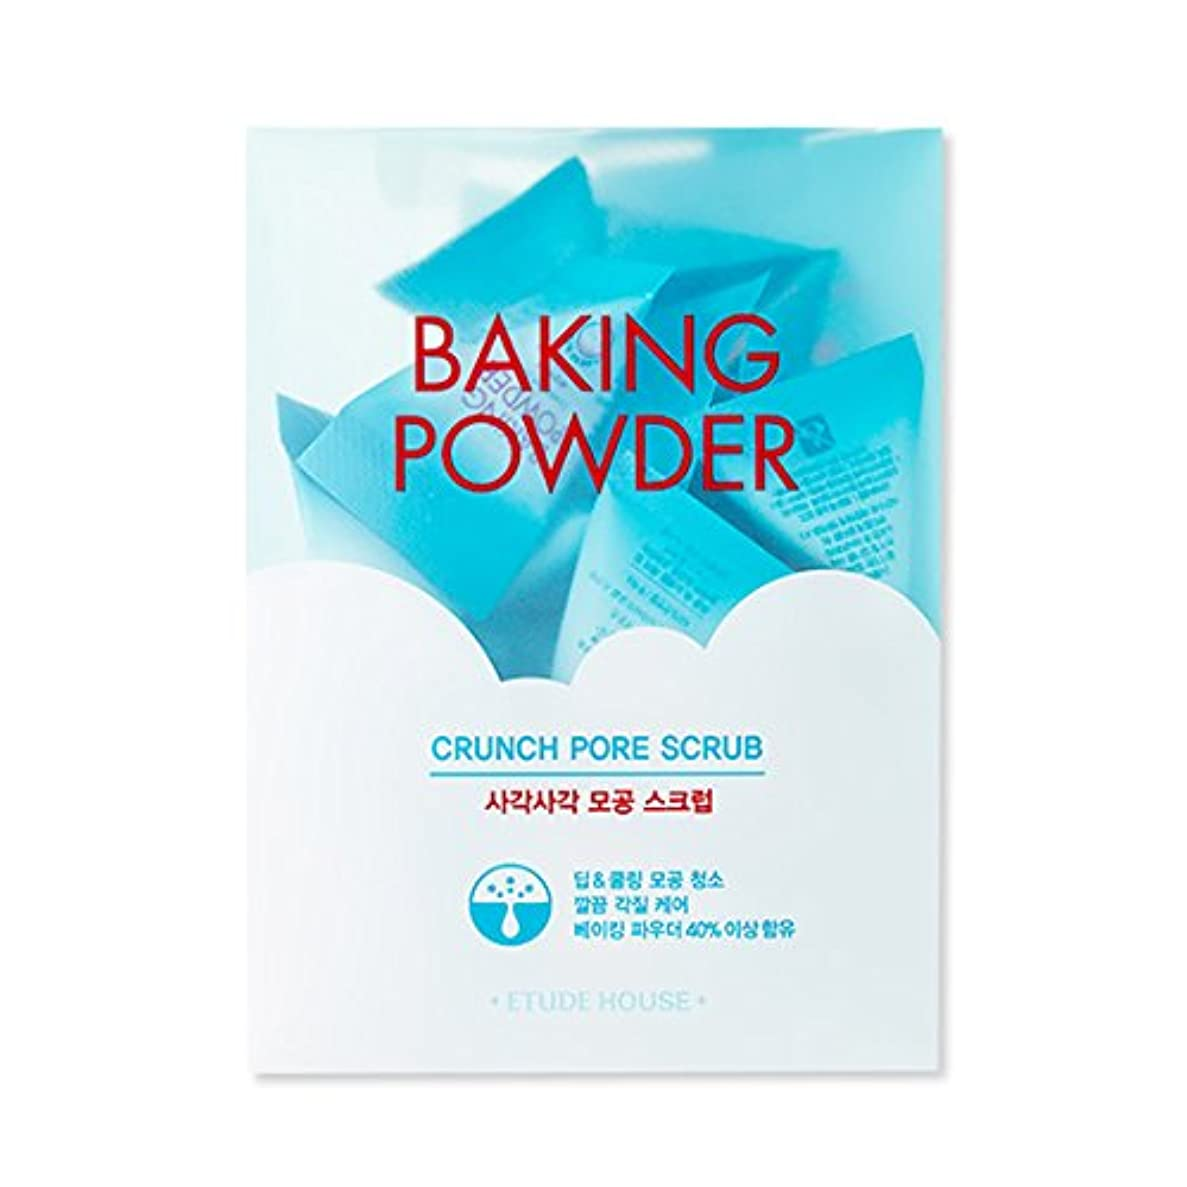 通行人転倒三十[2016 Upgrade!] ETUDE HOUSE Baking Powder Crunch Pore Scrub 7g×24ea/エチュードハウス ベーキング パウダー クランチ ポア スクラブ 7g×24ea [並行輸入品]